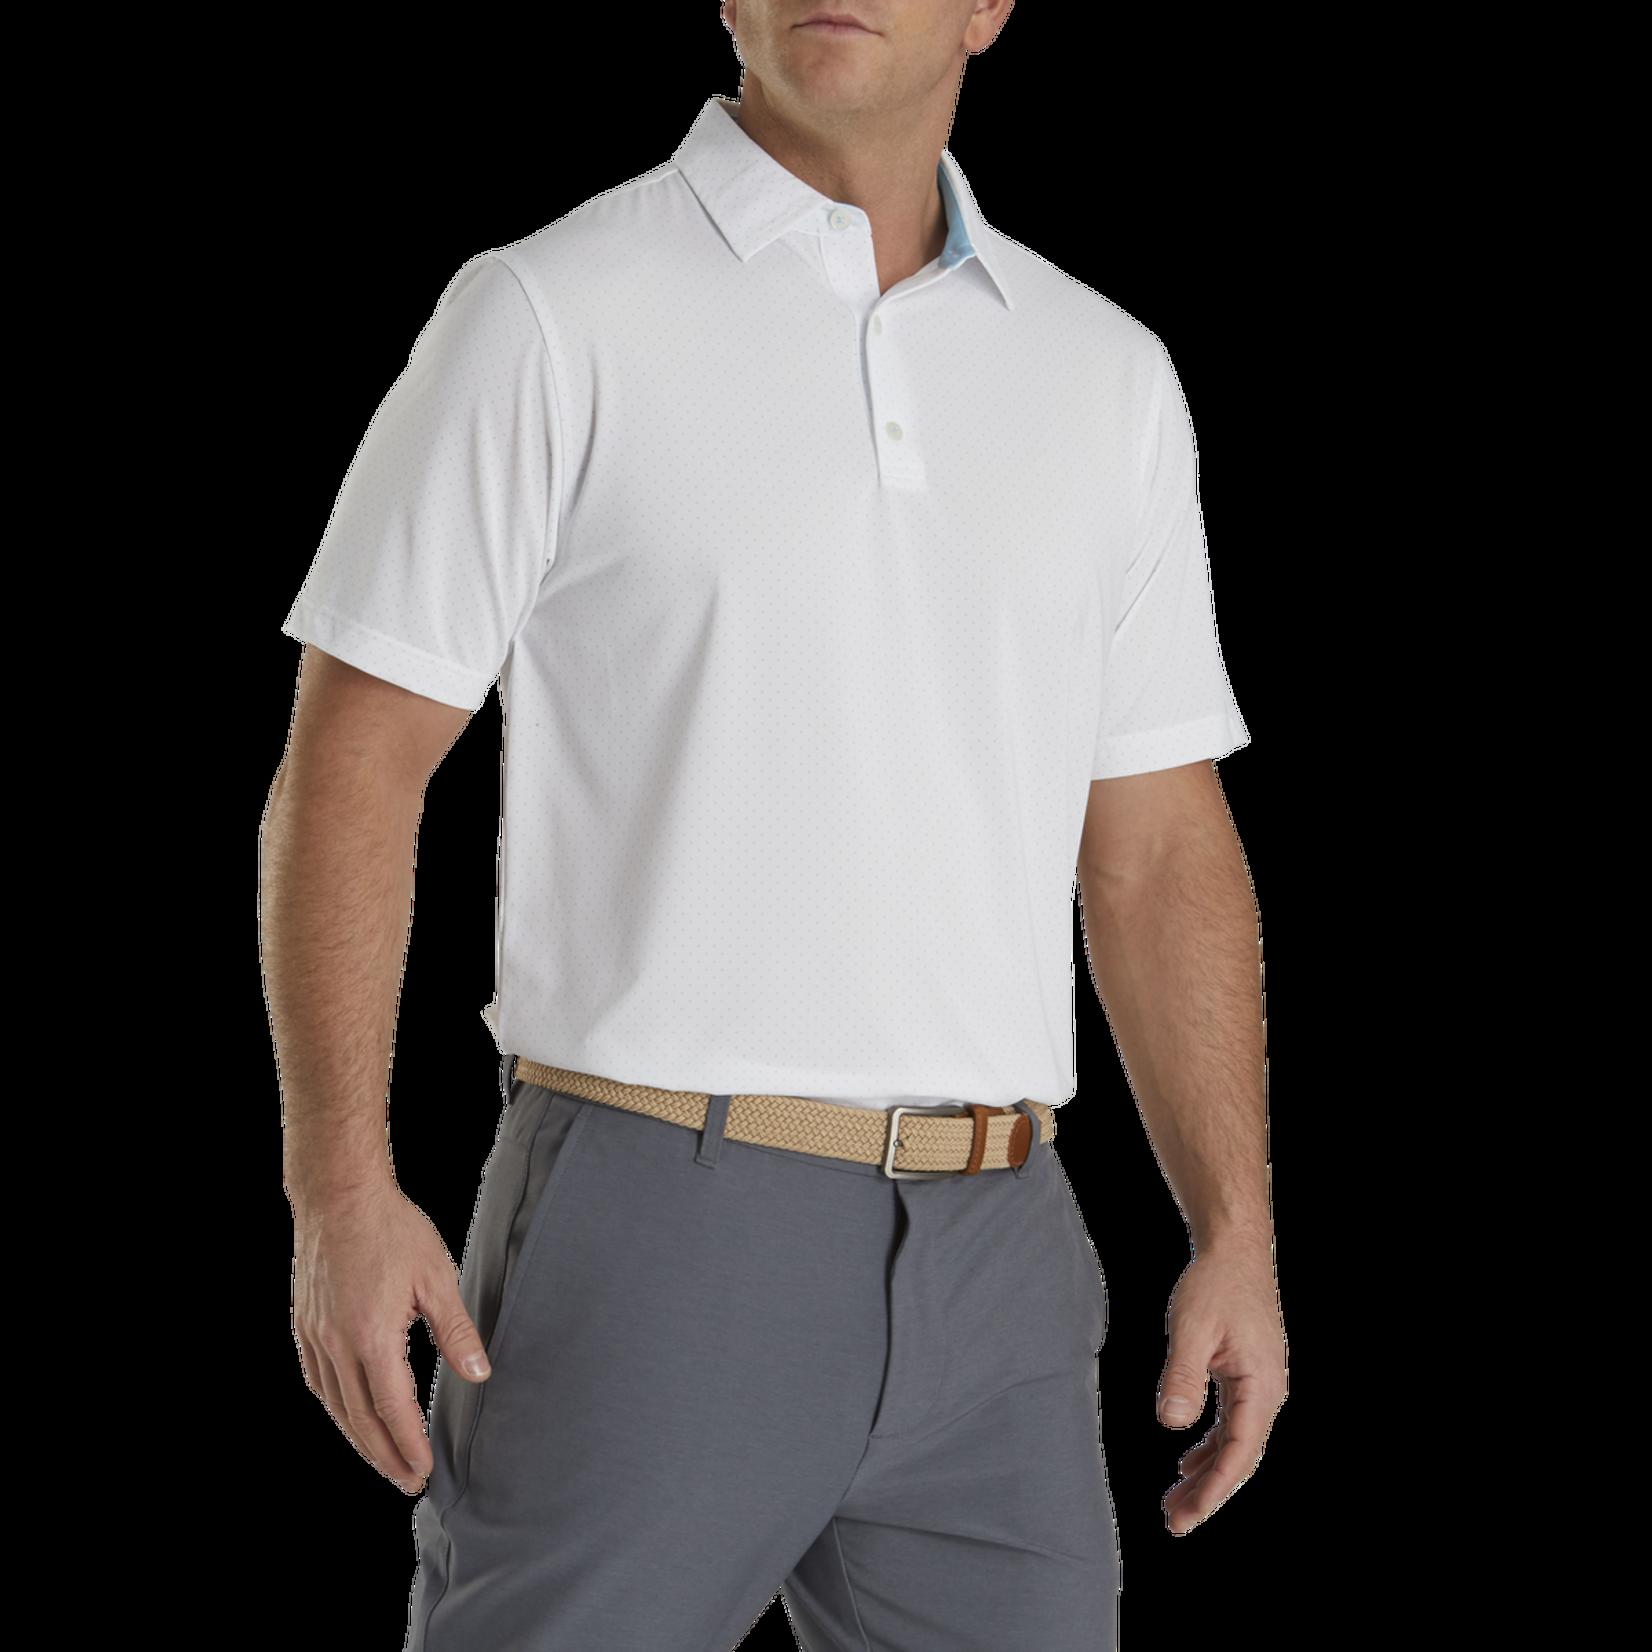 Footjoy FJ Stretch Lsl Dot Print Self Collar Polo '21